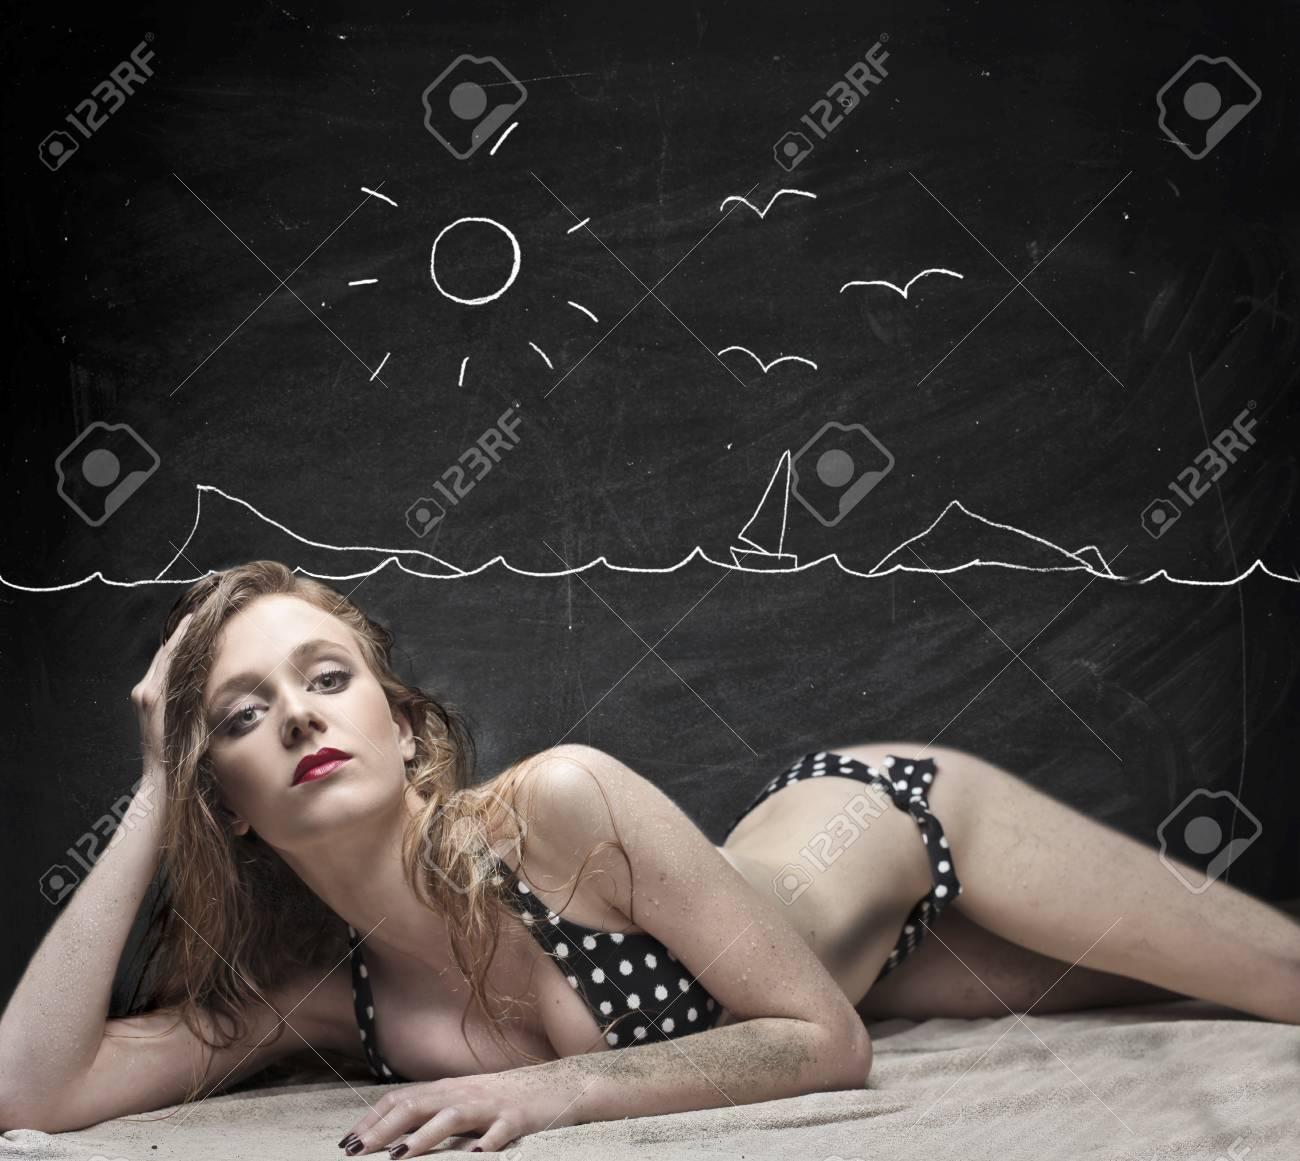 Beautiful blonde girl posing in bikini on a beach drawn on a blackboard Stock Photo - 15512907